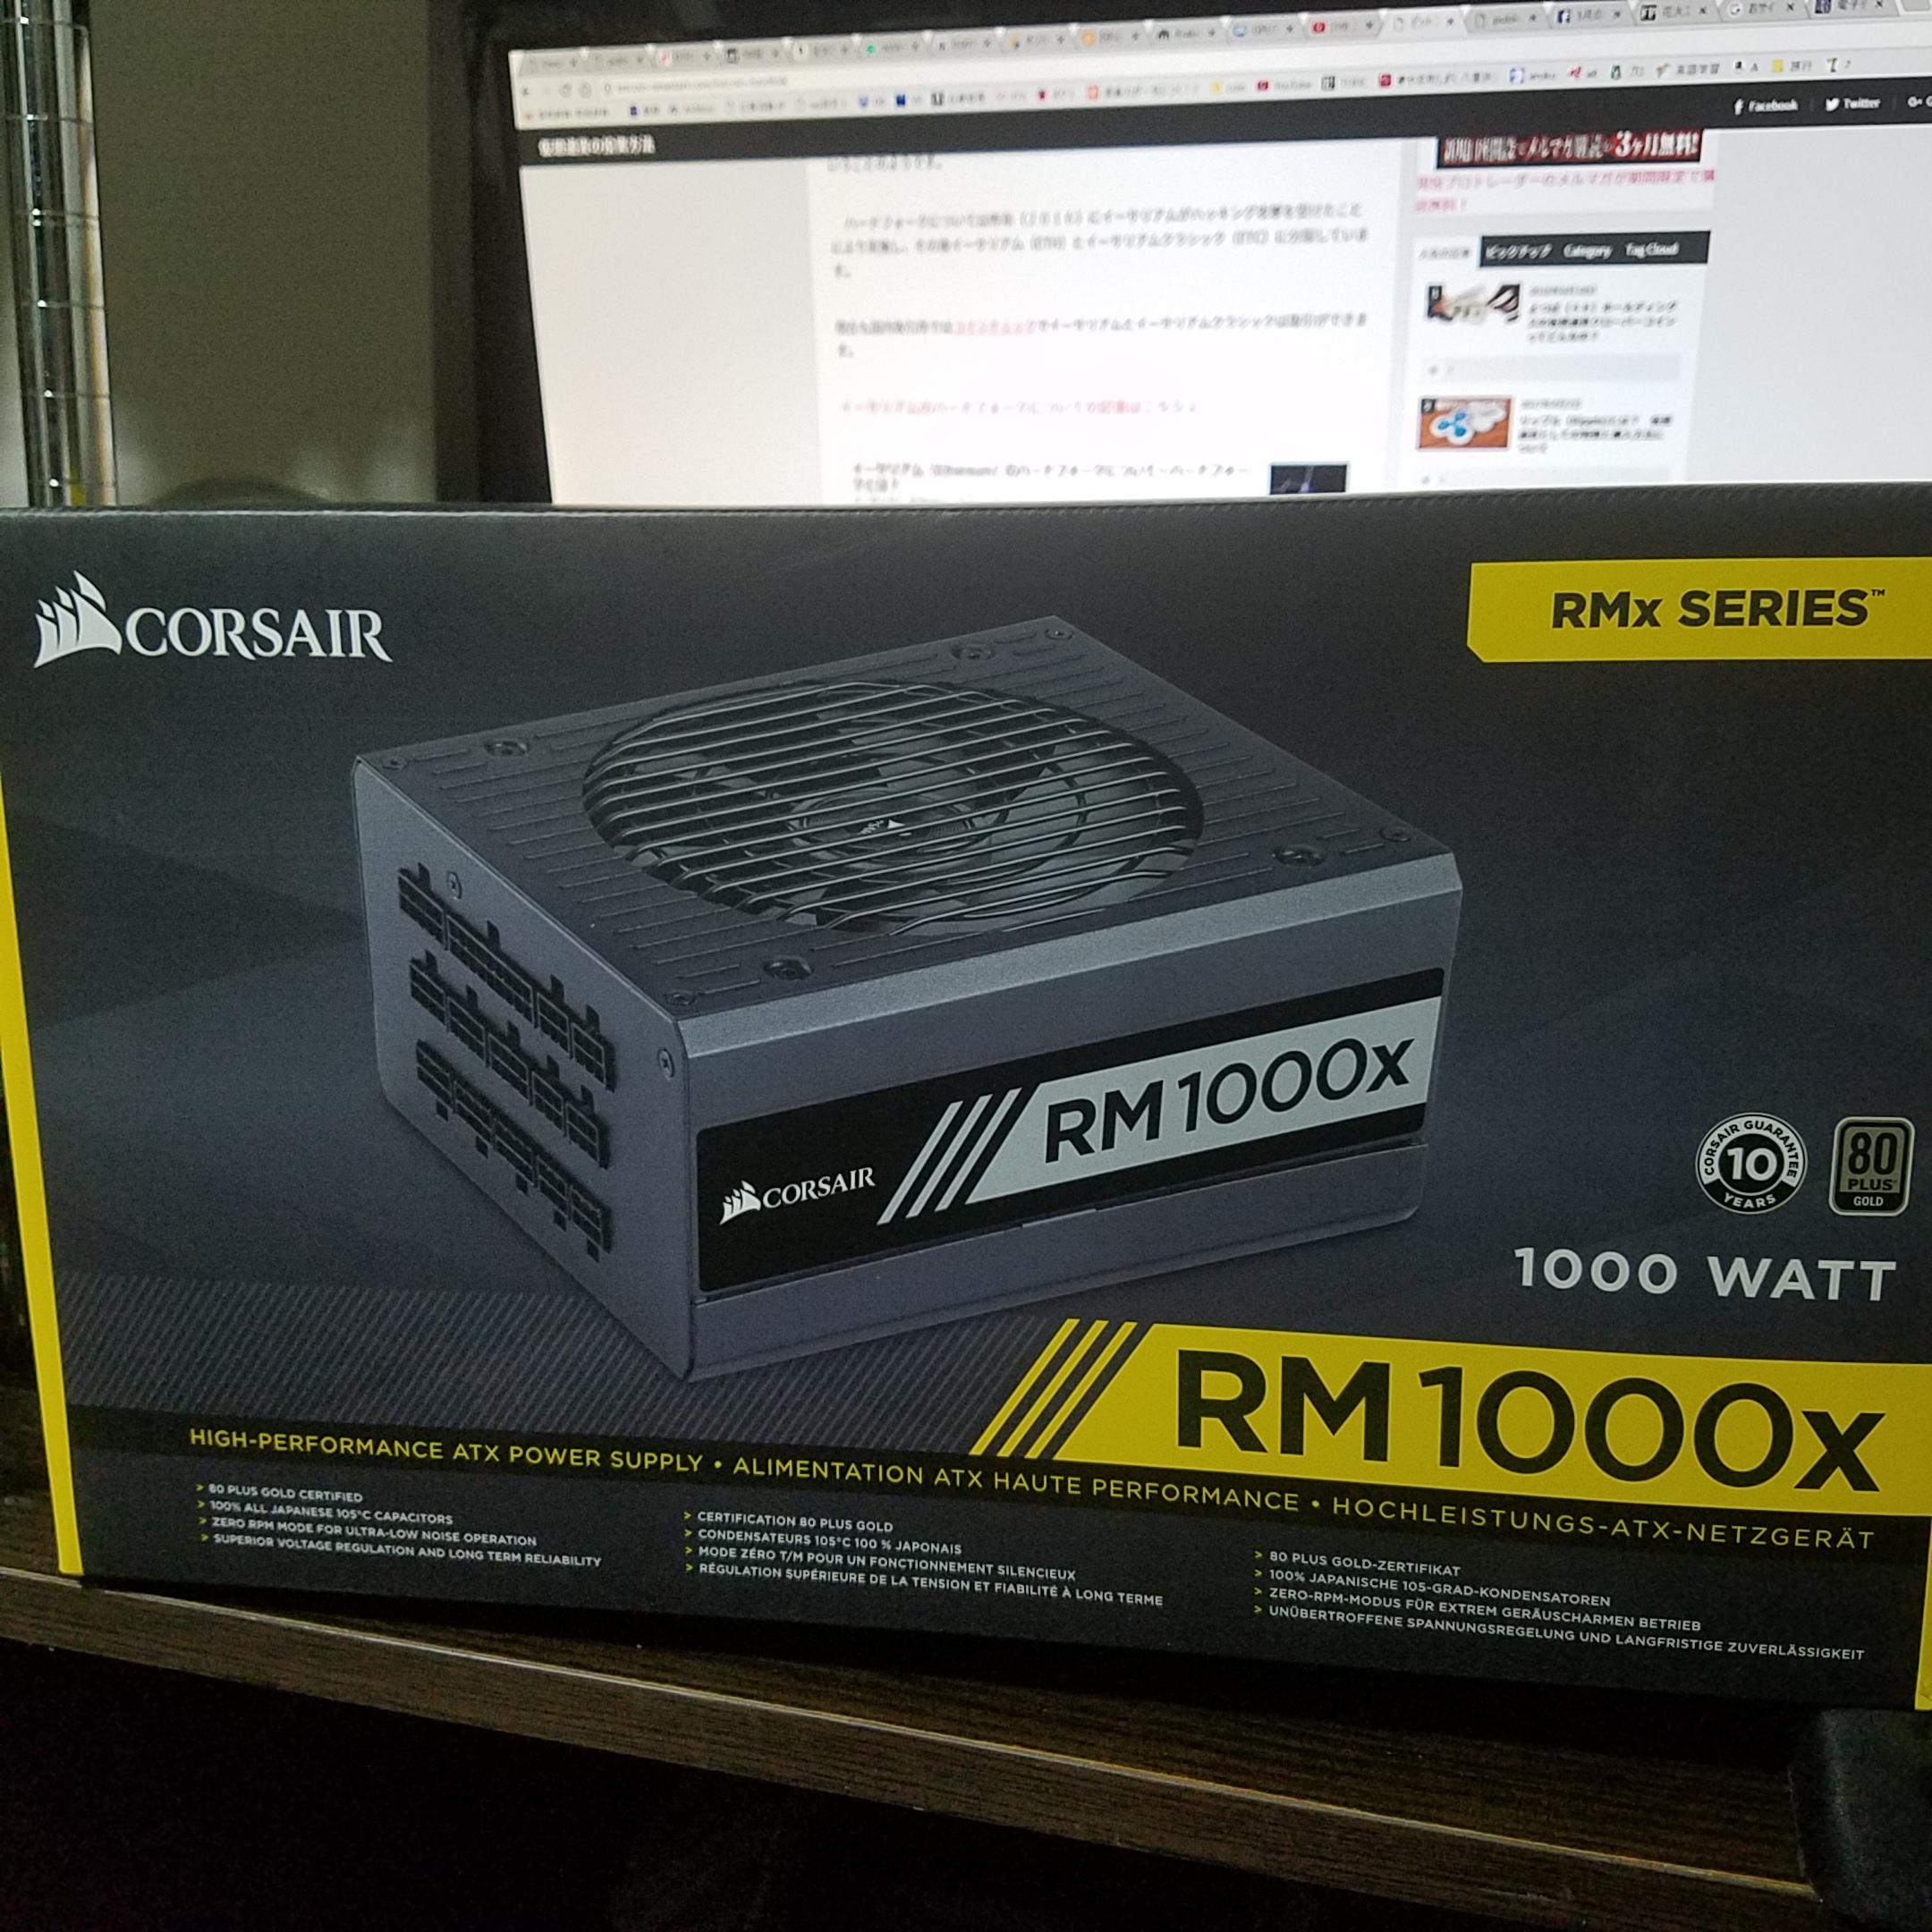 RM1000xを買ってみた